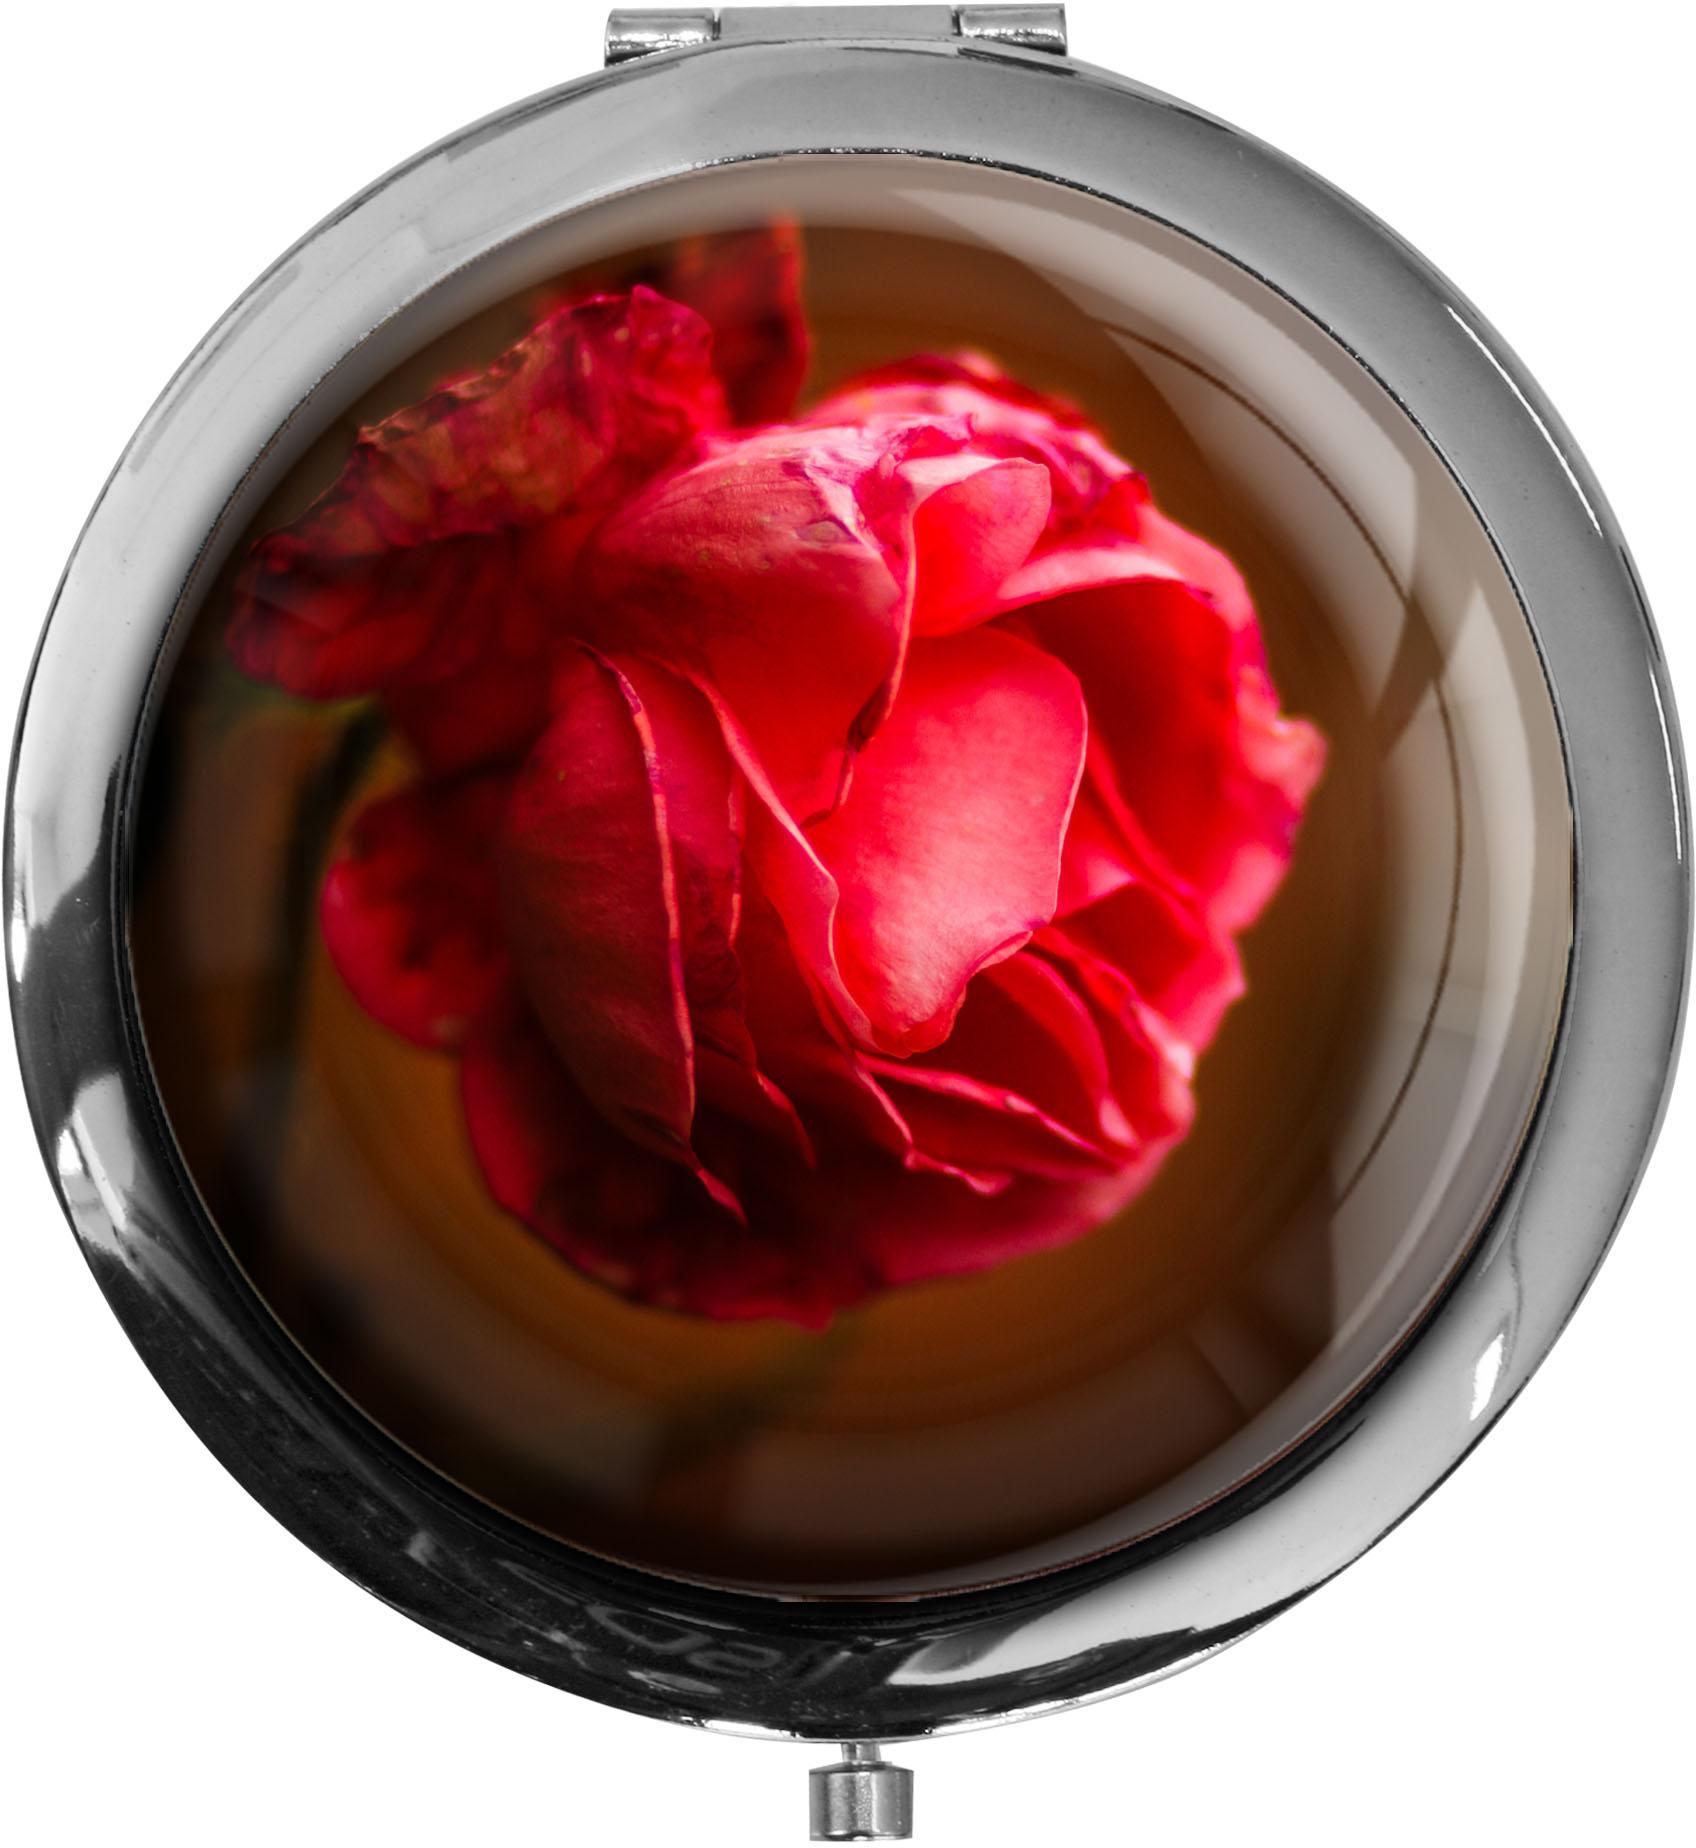 Taschenspiegel / Spiegel / Rose